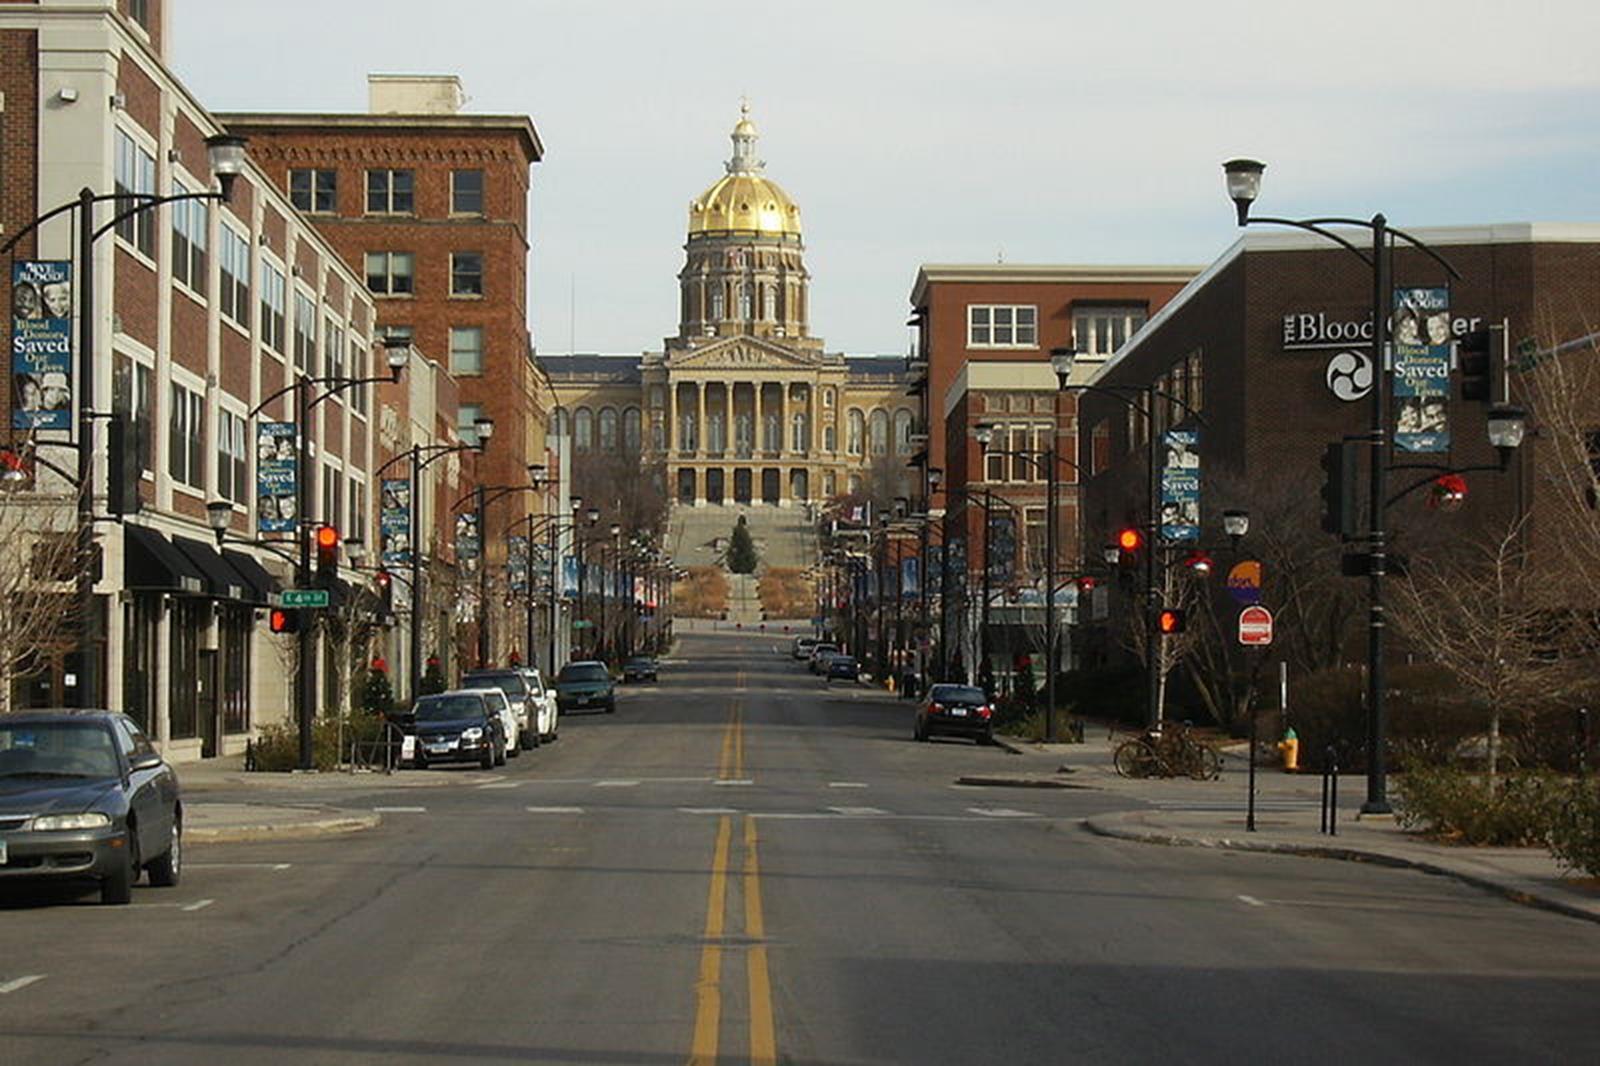 Des Moines's East Village